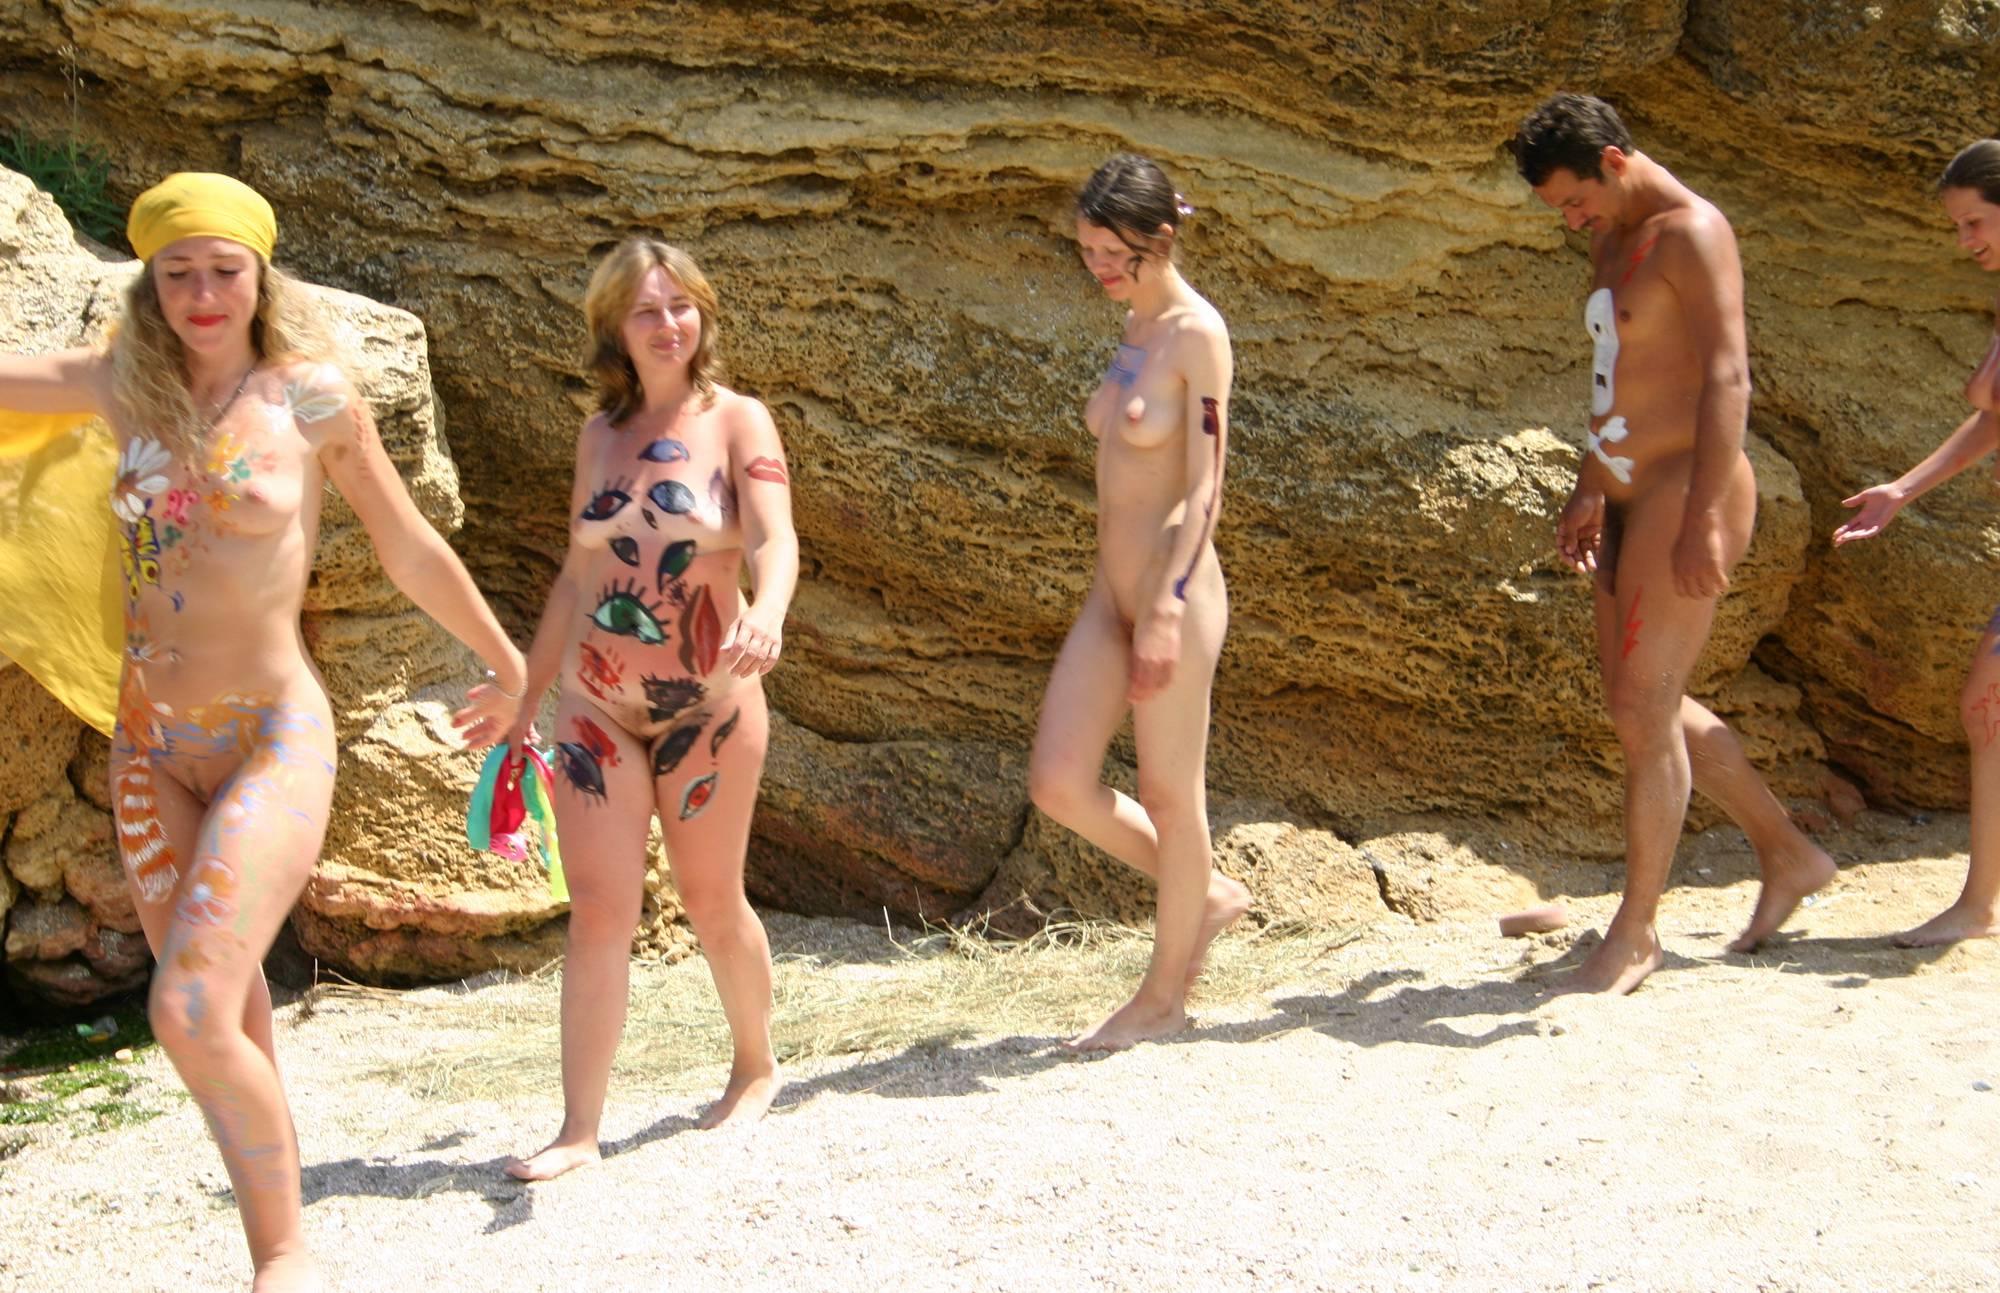 Nudist Pics Odessa Sun Shore Profile - 1